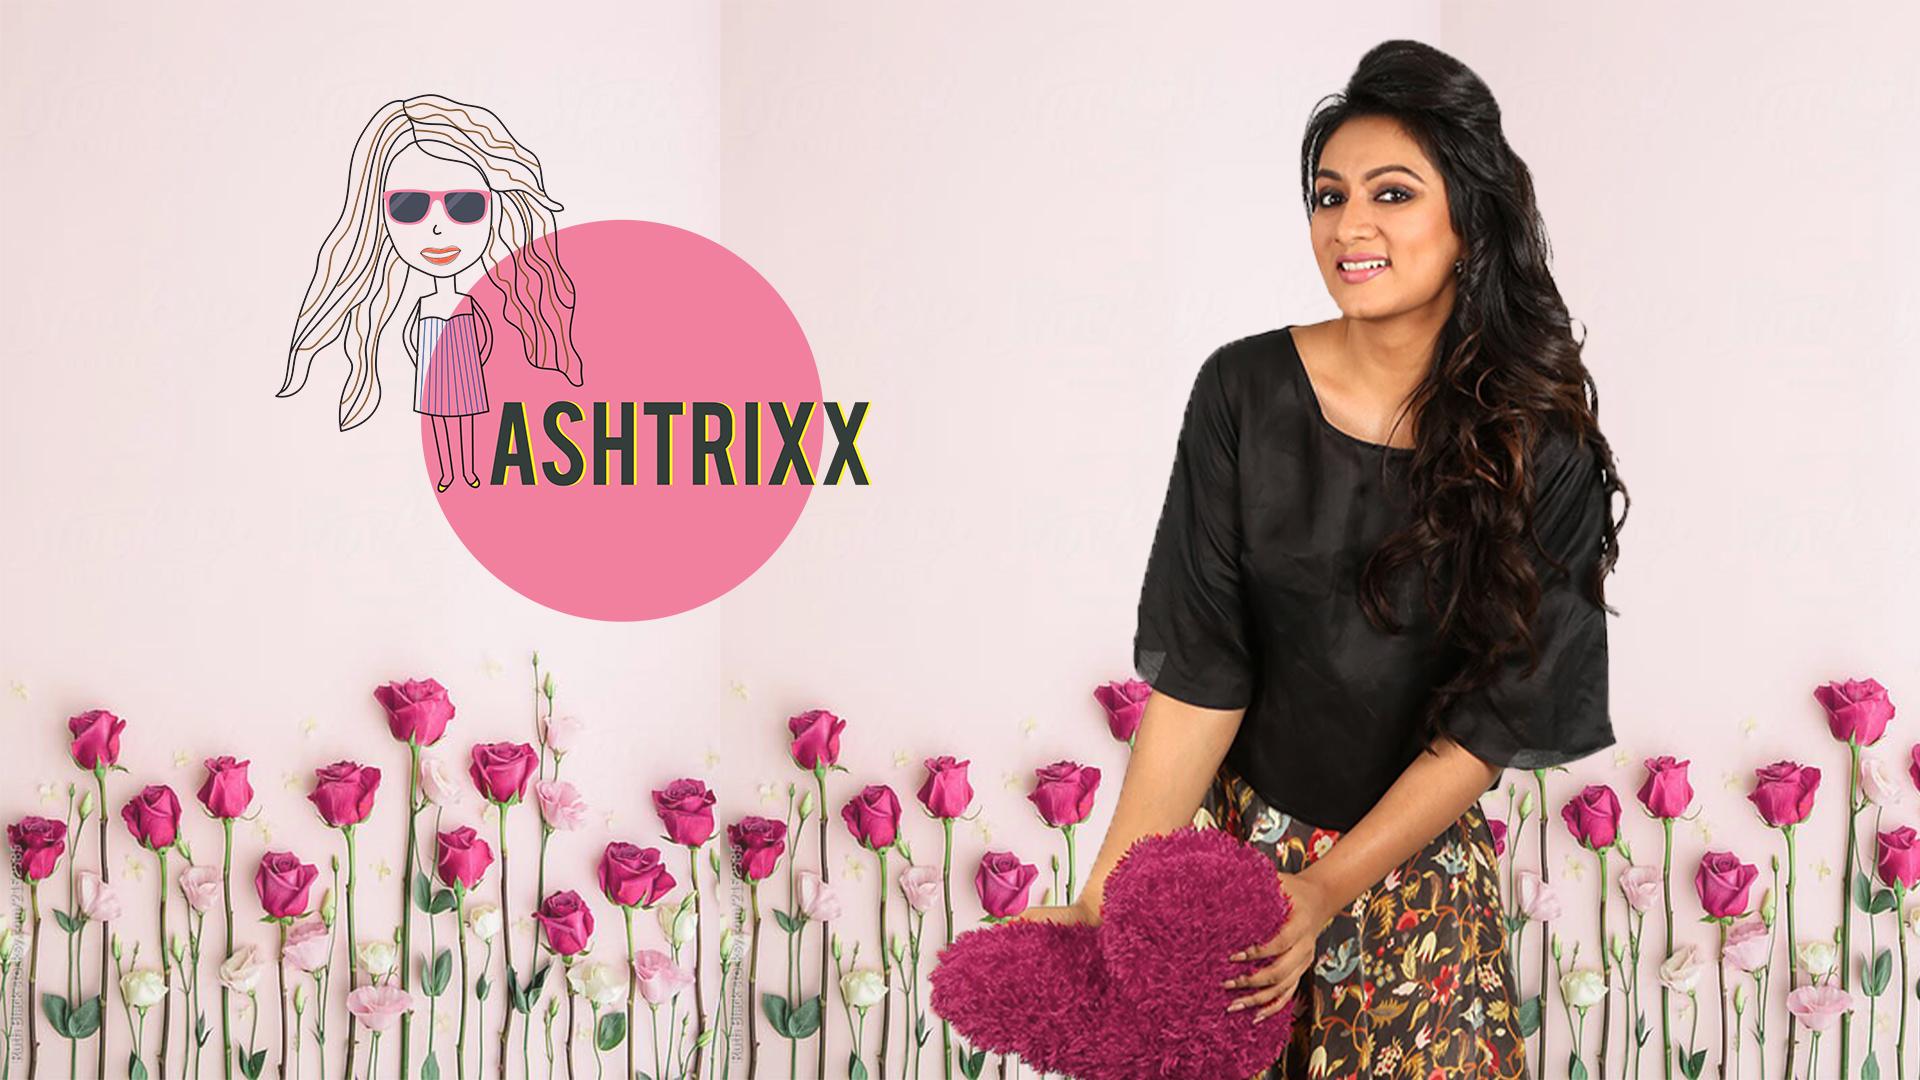 Ashtrixx